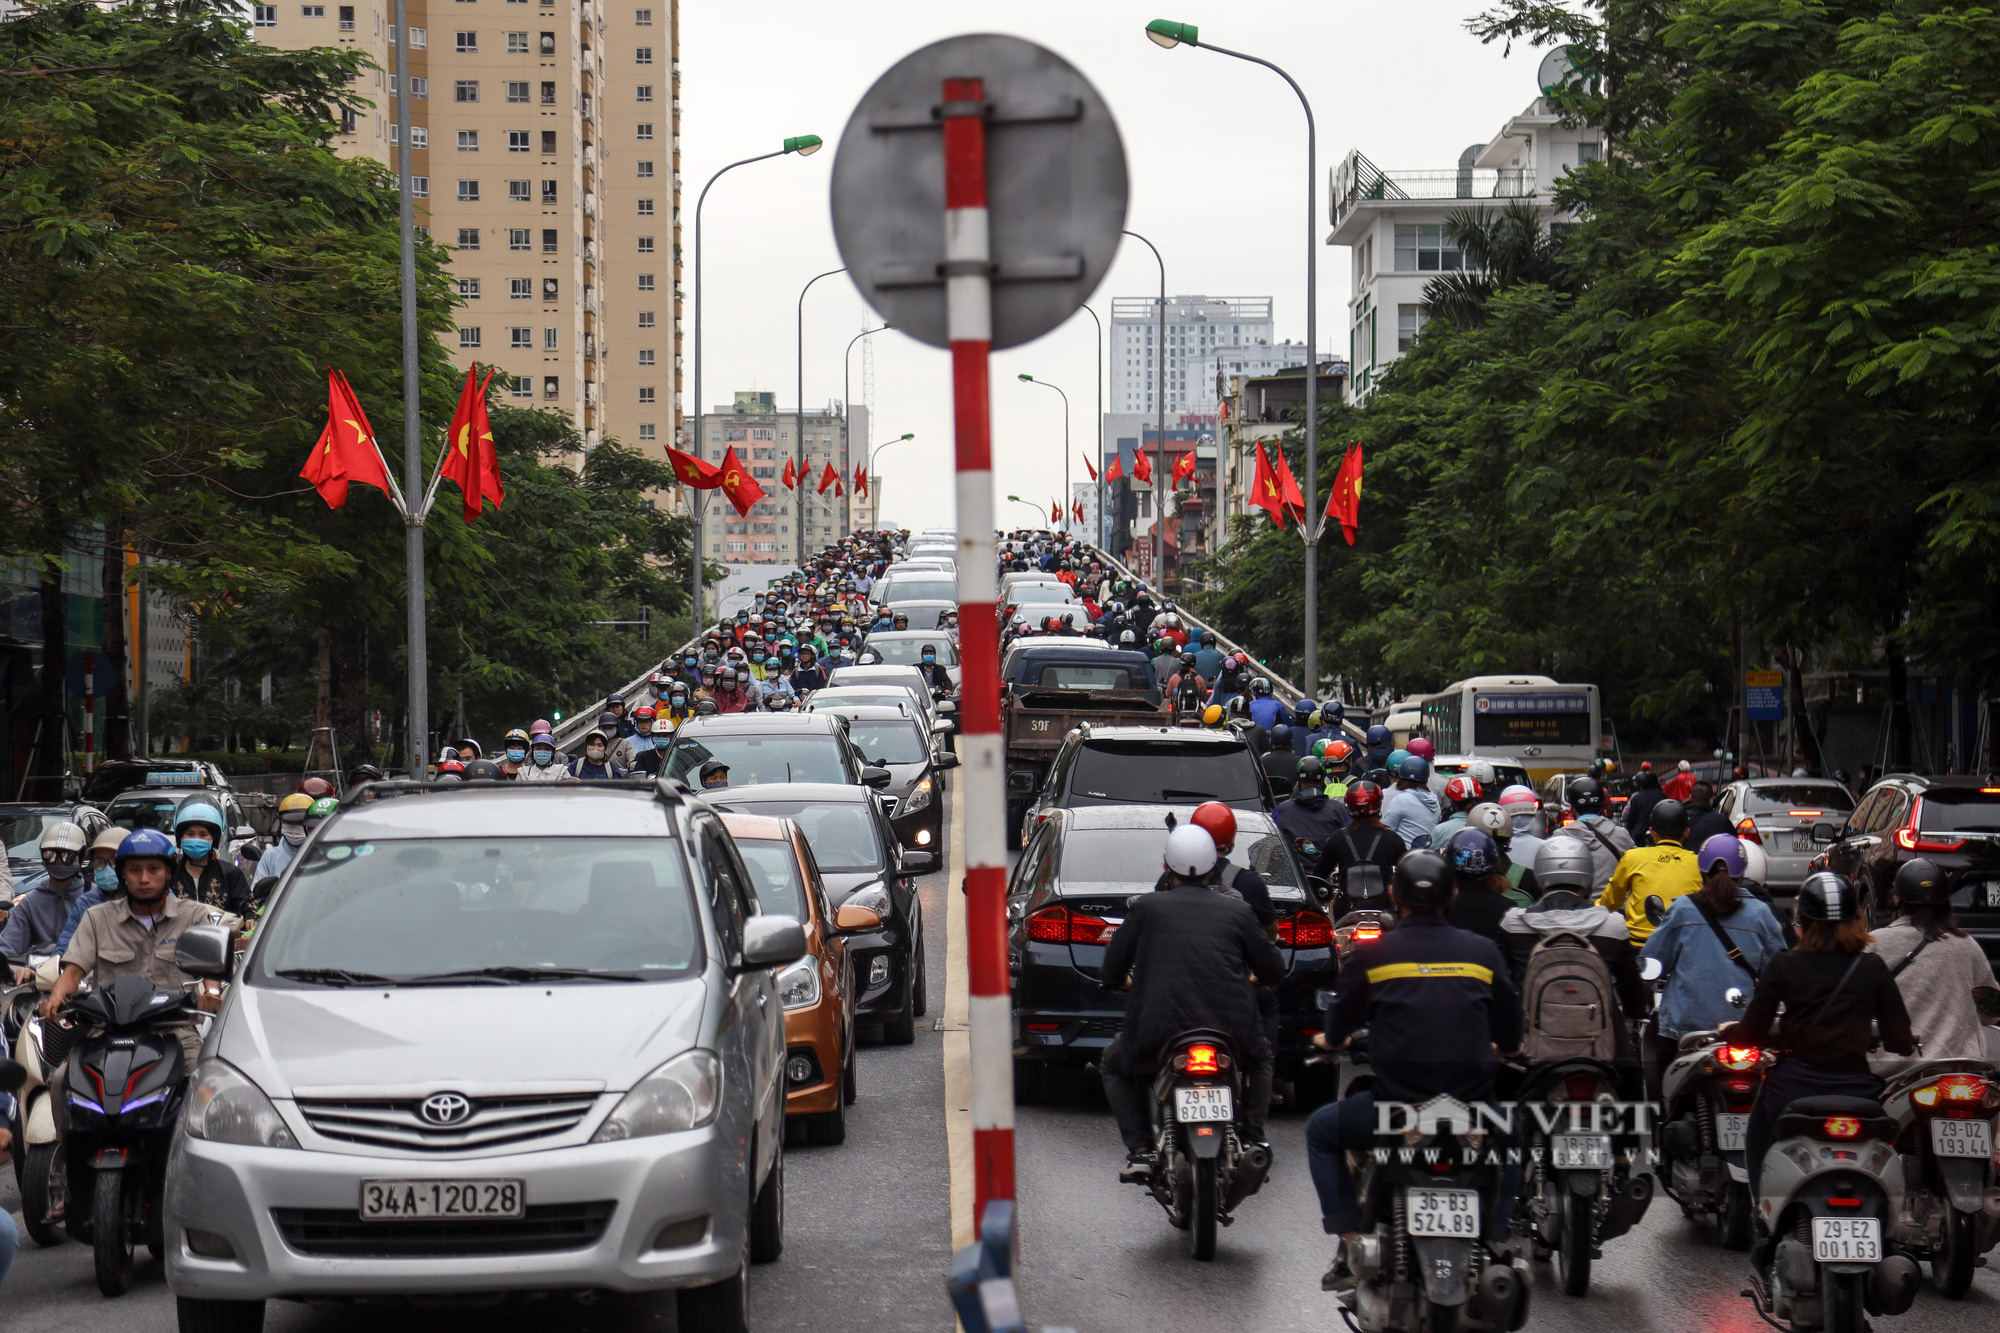 Tắc đường kinh hoàng trên địa bàn nhiều quận ở Hà Nội - Ảnh 11.